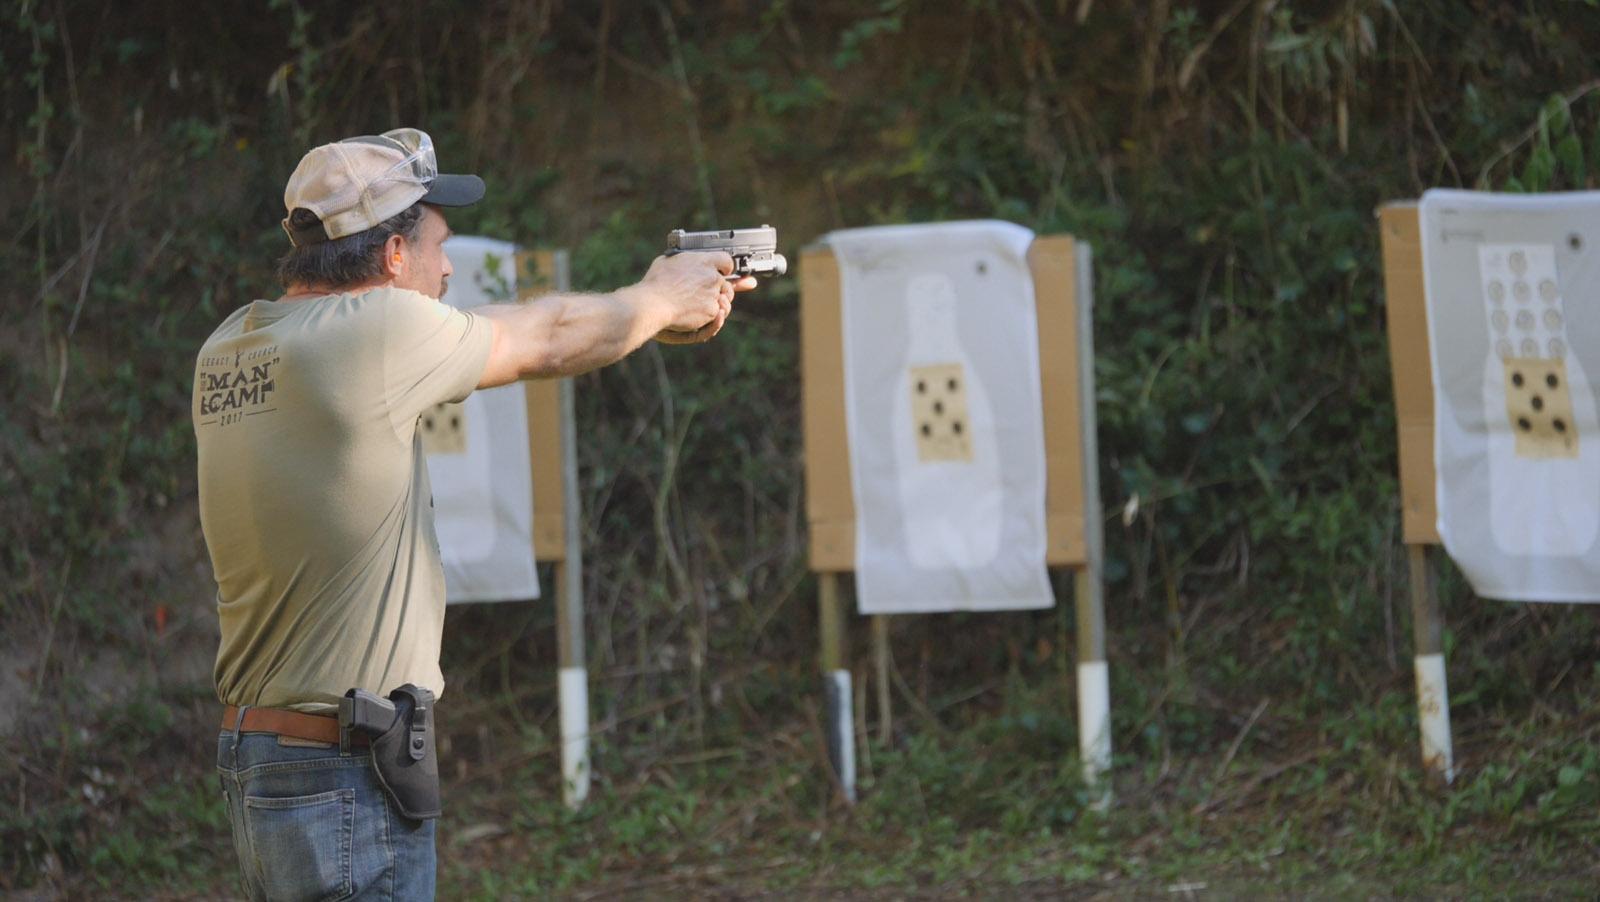 8-pistol+(2).jpg